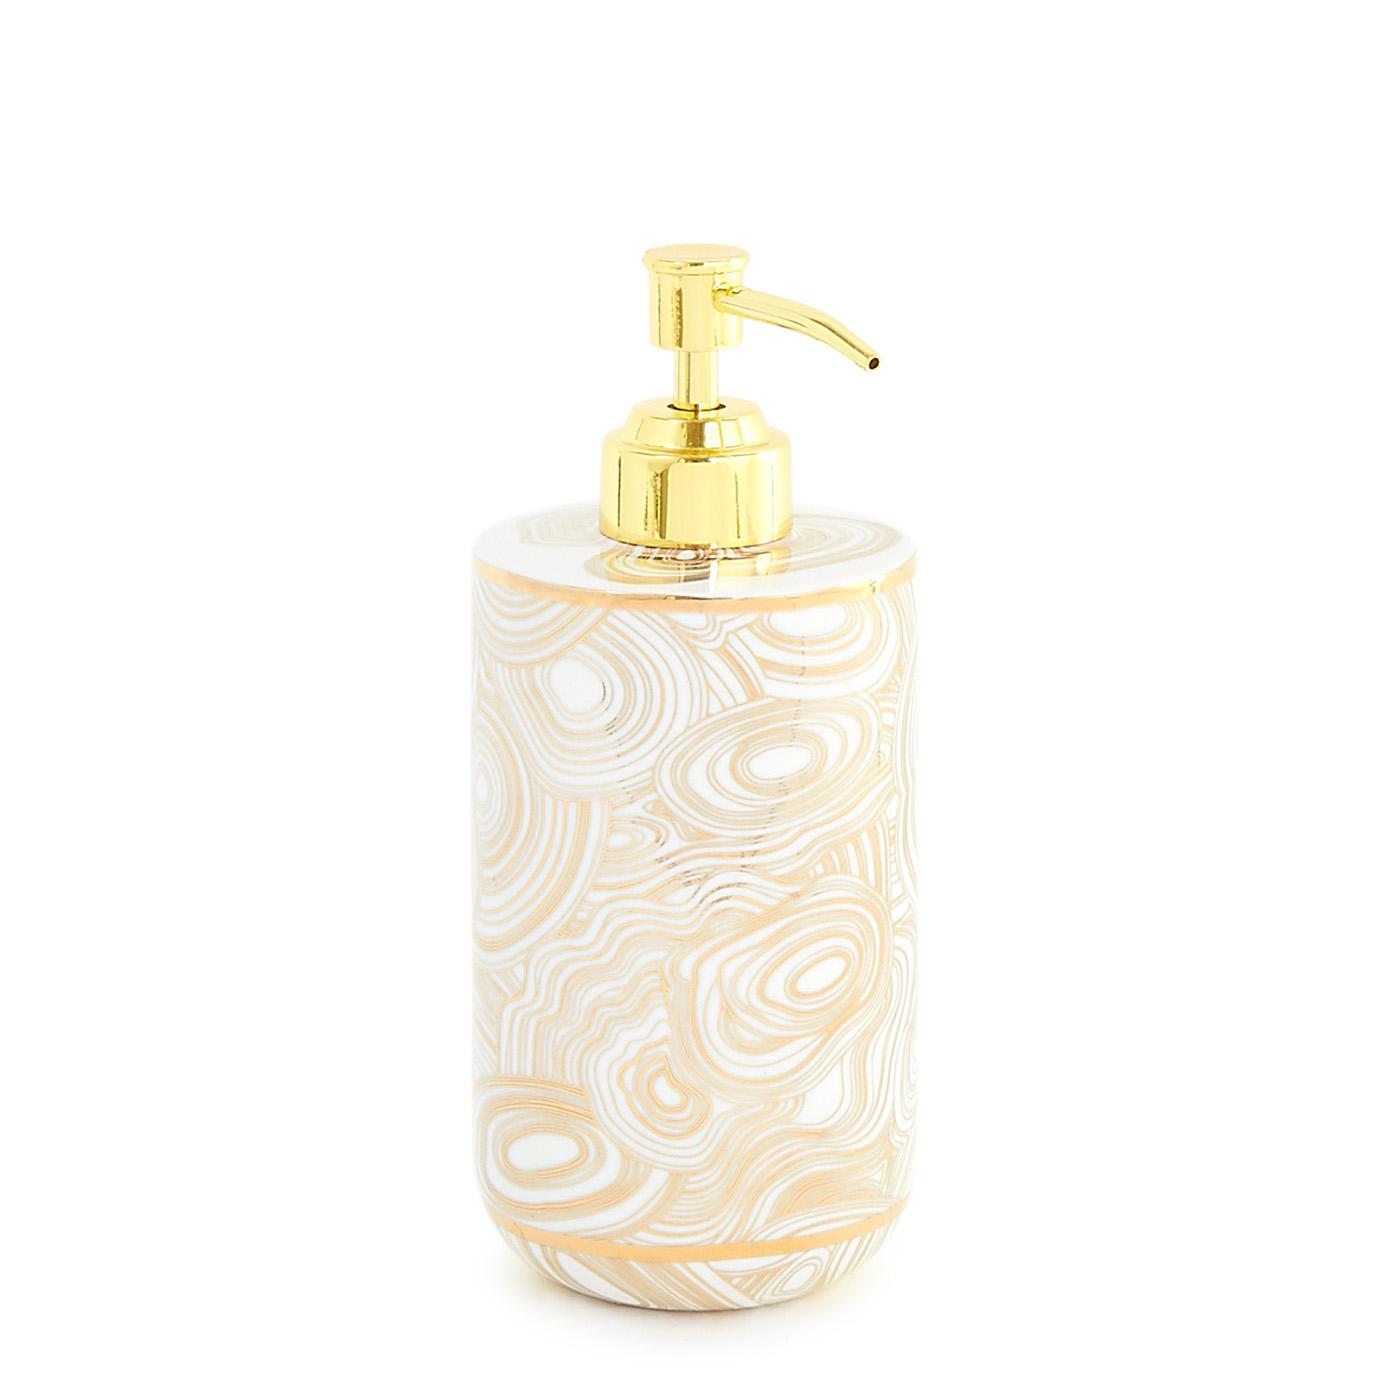 20+ Gold Bathroom Accessories - Gold Colored Bath Decor Ideas